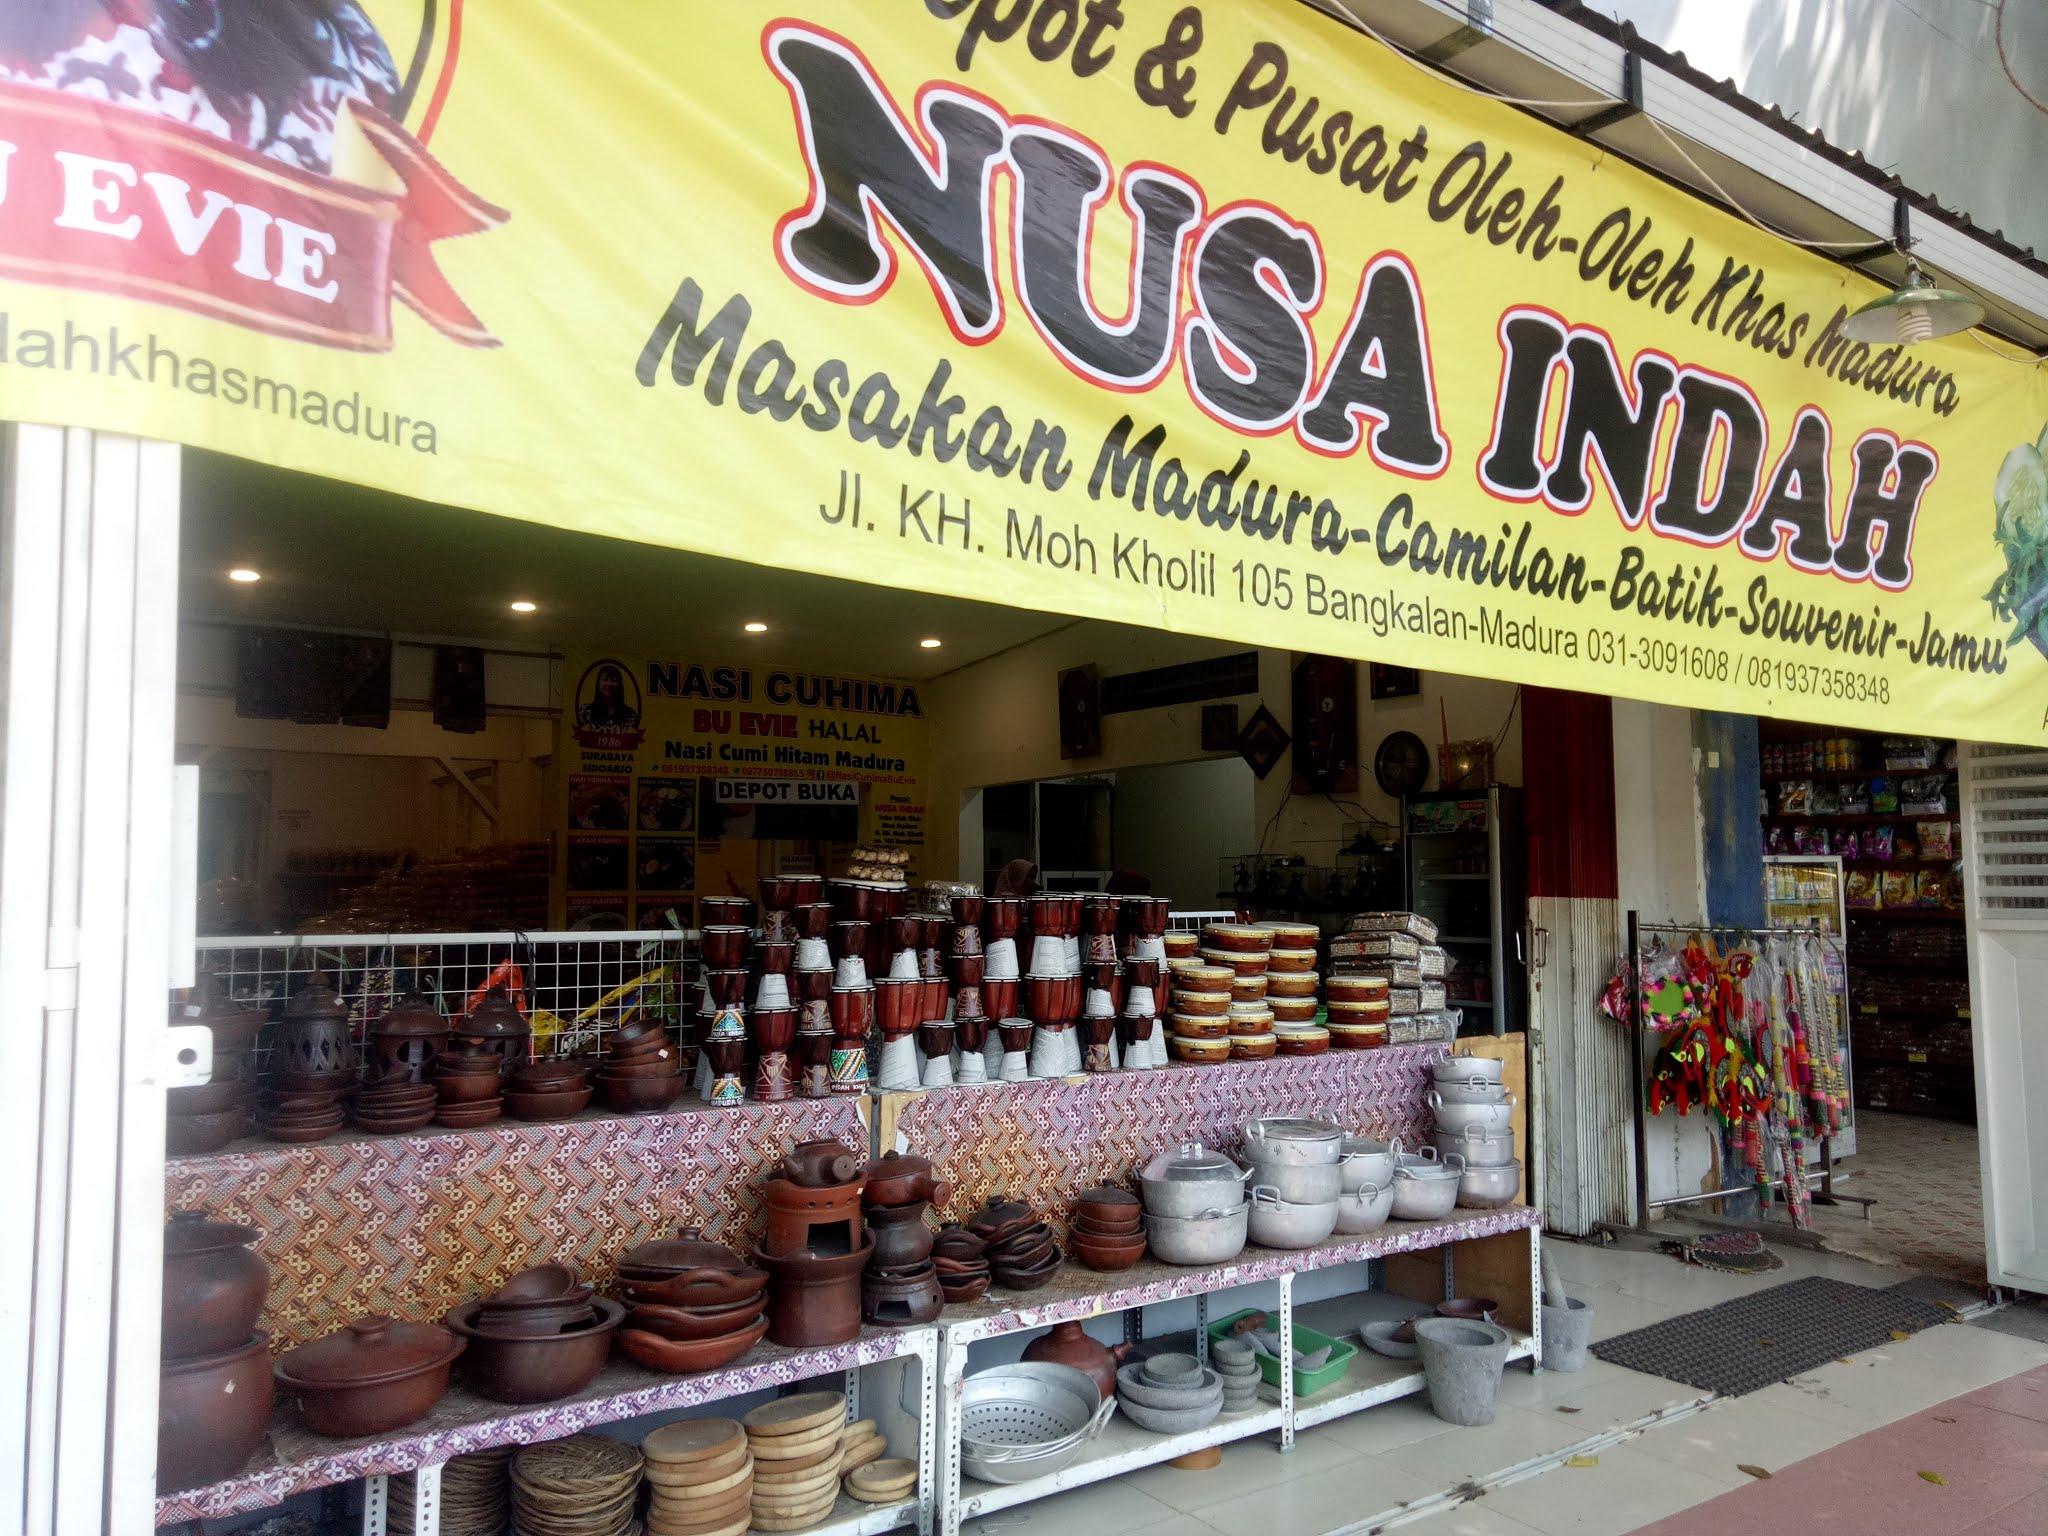 Pusat Belanja Oleh-oleh Khas Madura di Toko Nusa Indah Bangkalan